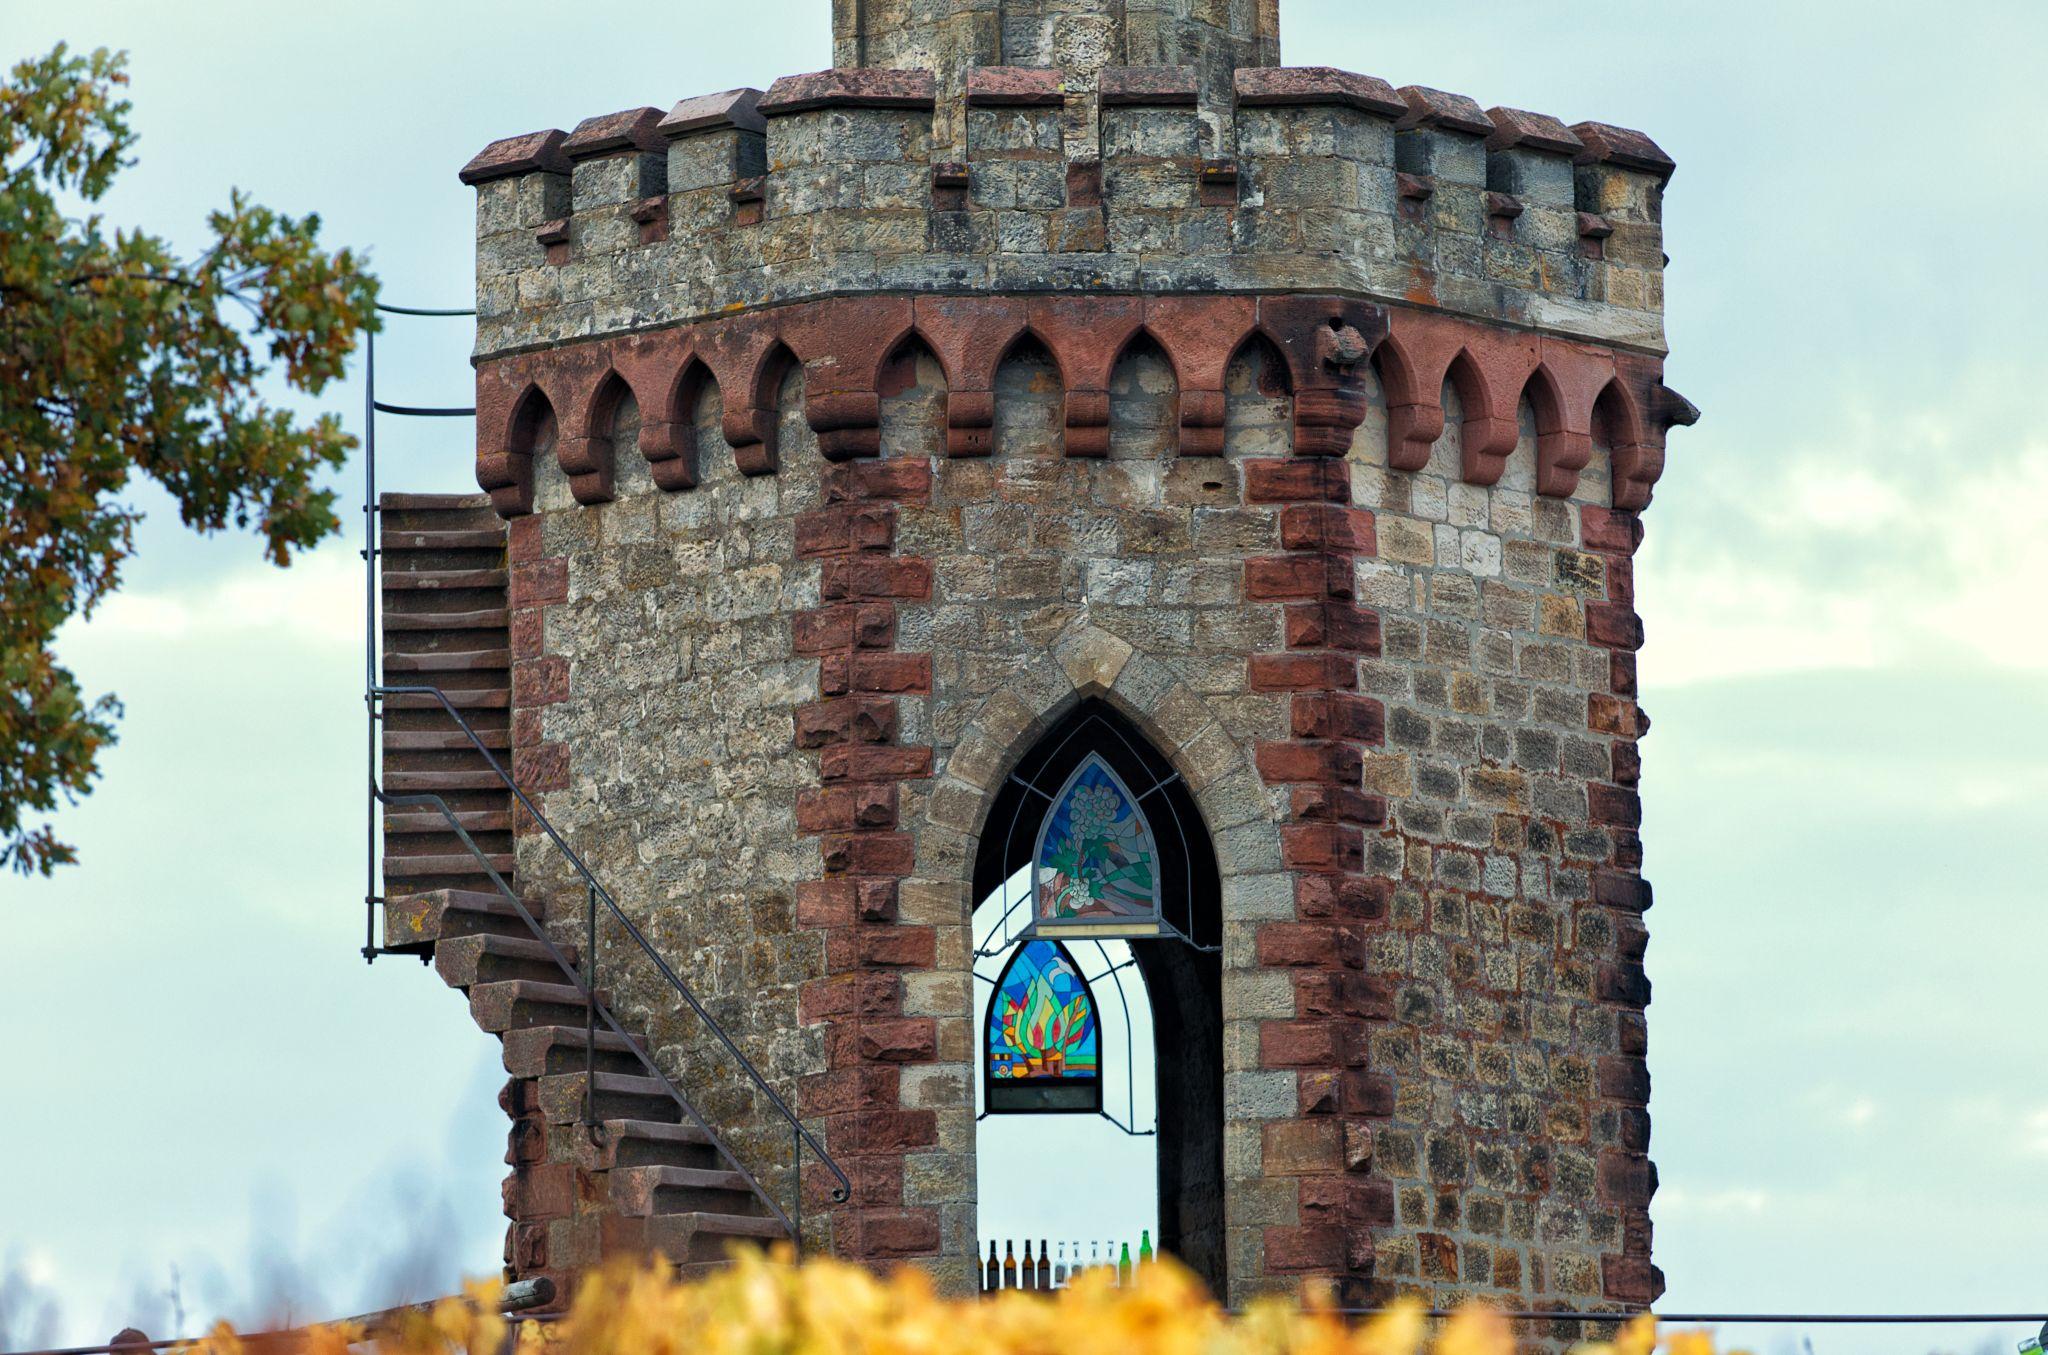 Wunderschöner gotischer Sandsteinbau